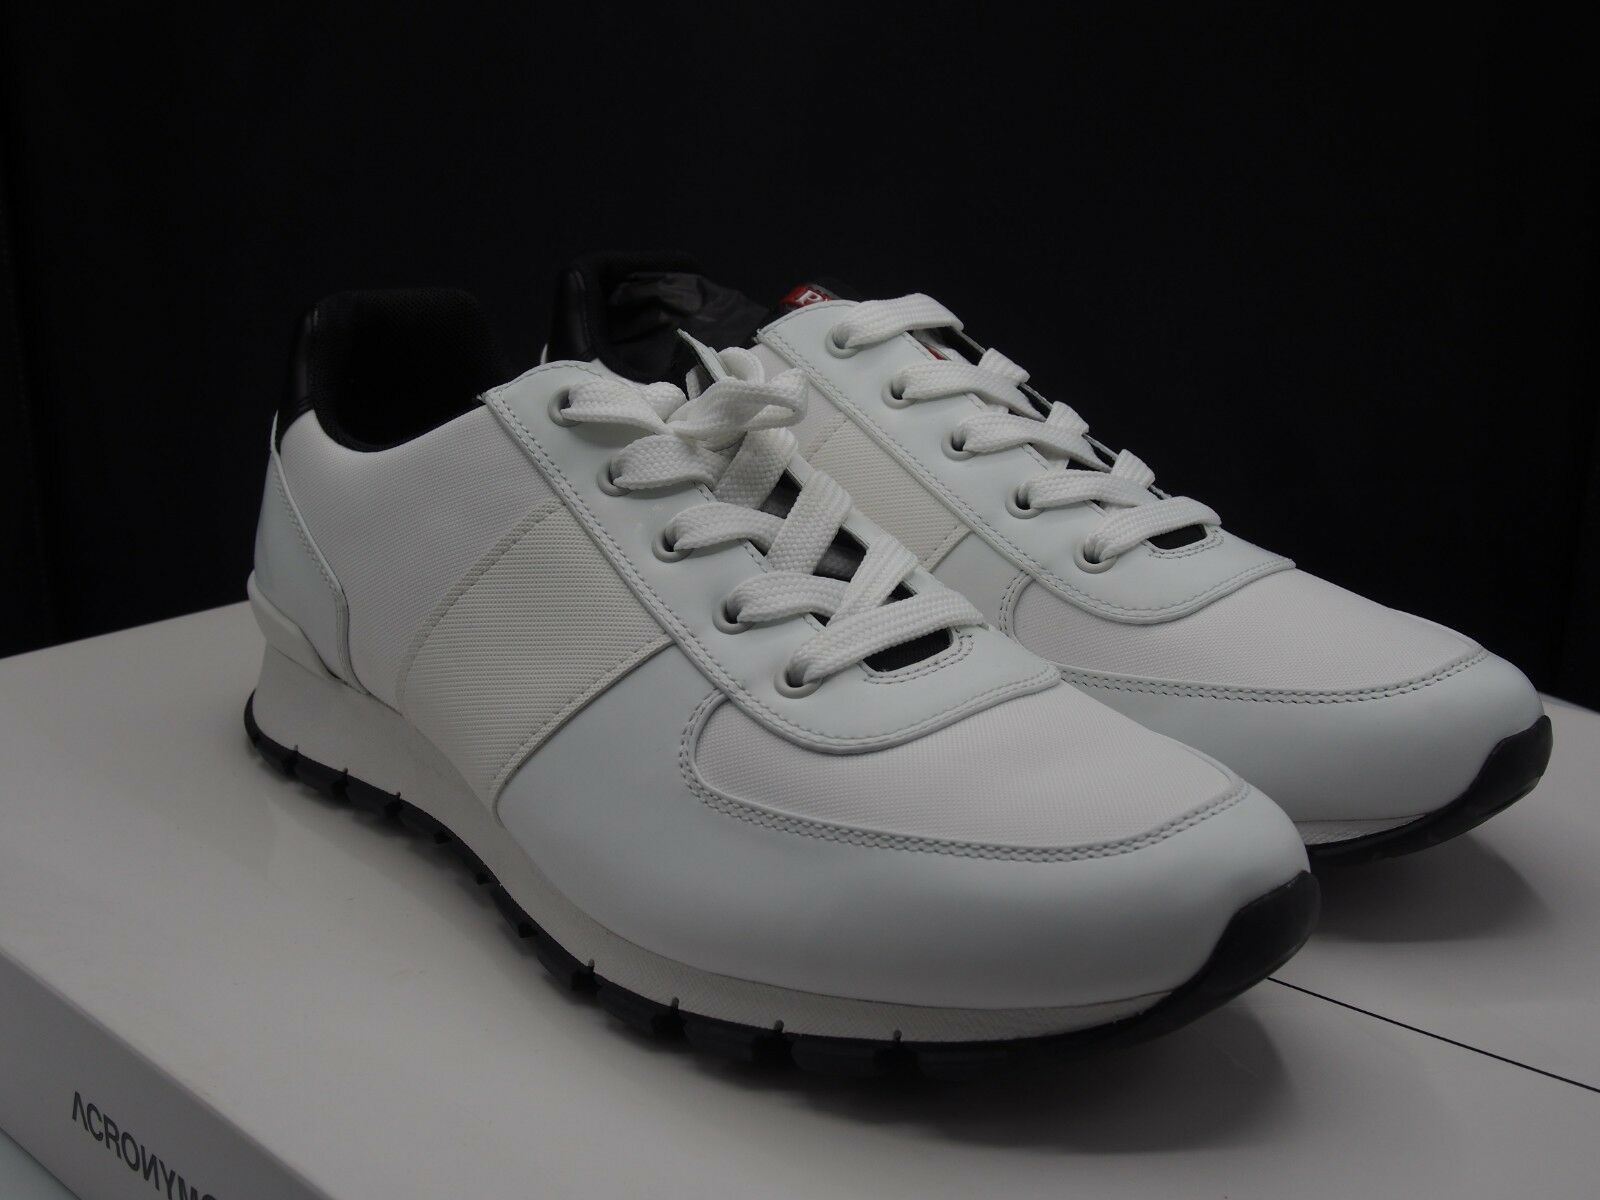 927d052e PRADA White Leather Runner Retail Men's size US 10 nrdnsi9198-Casual ...